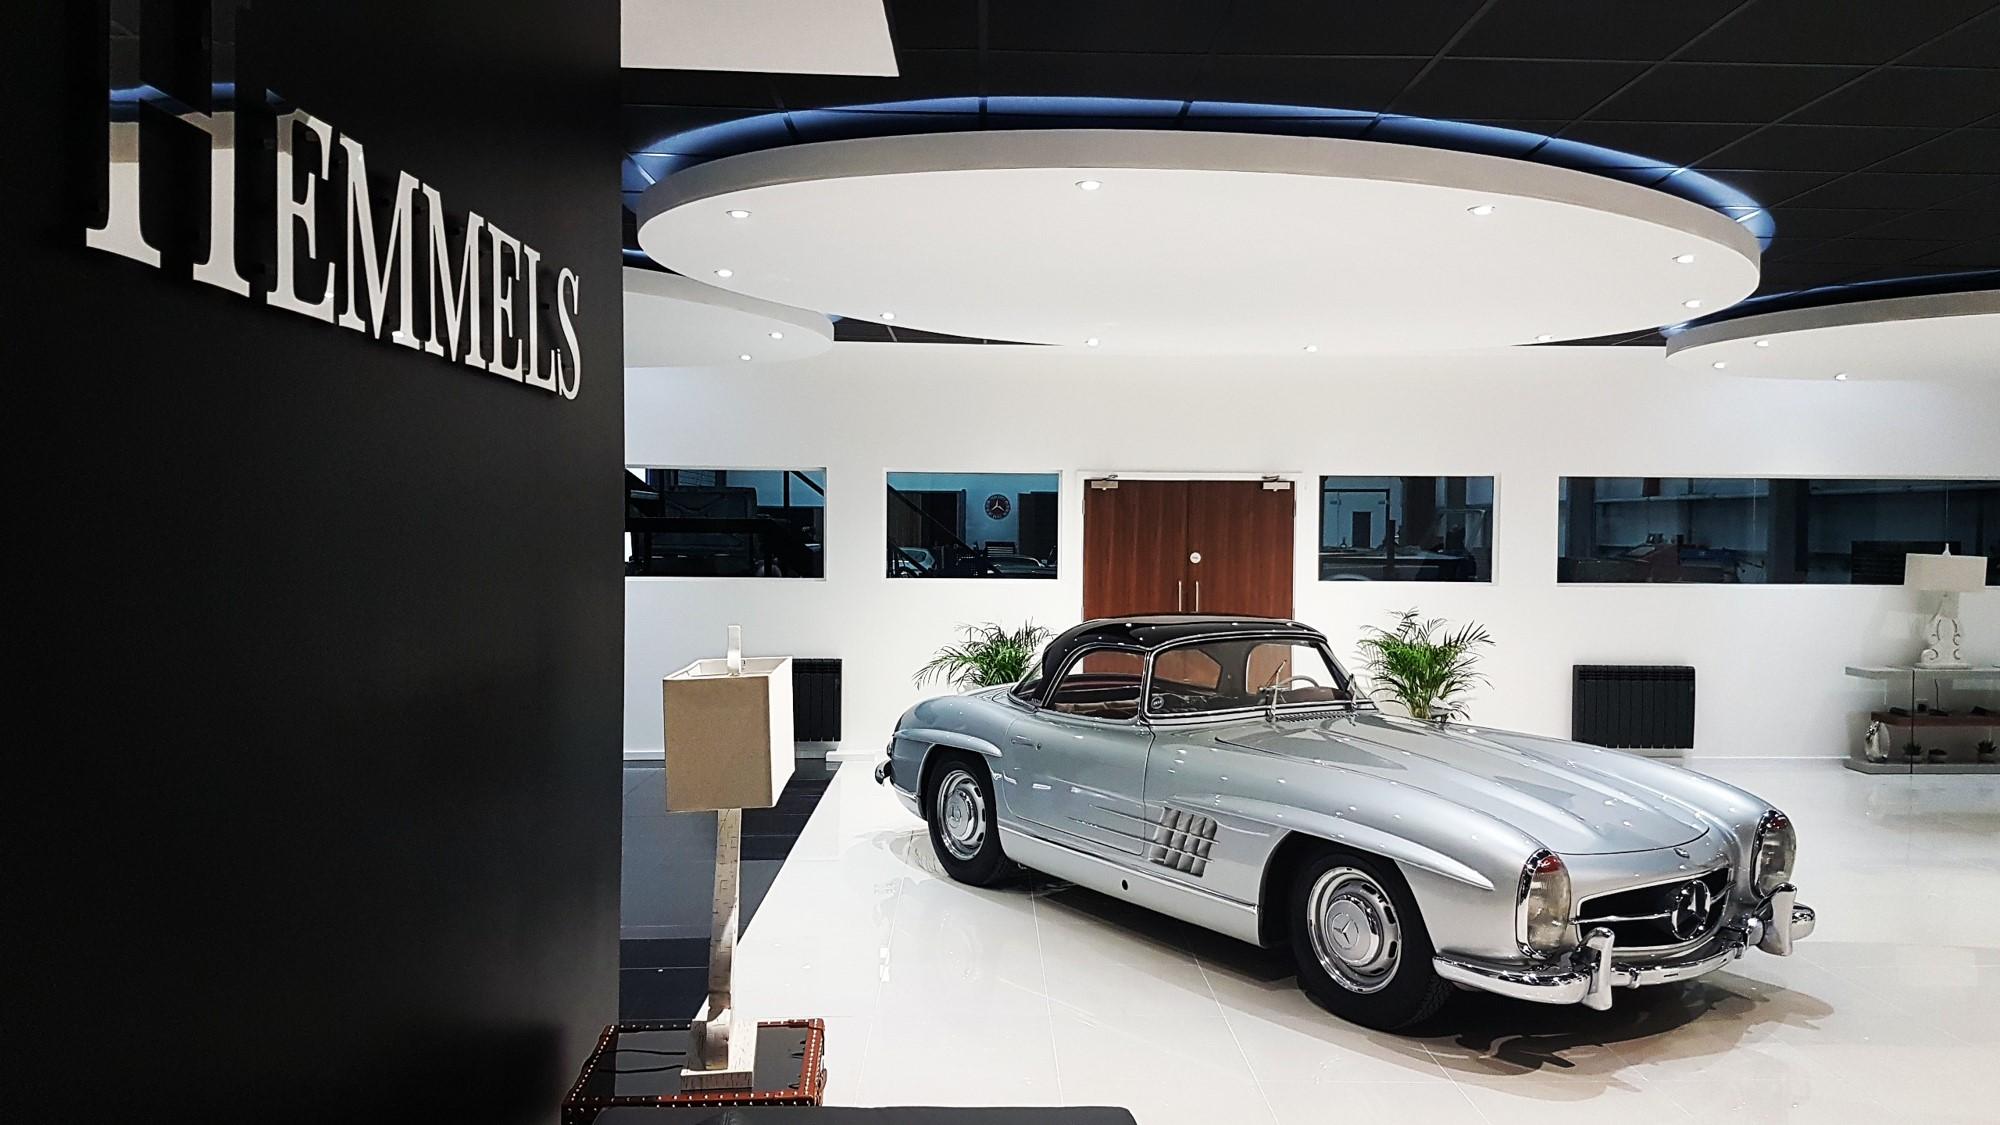 Hemmels showroom - classic mercedes